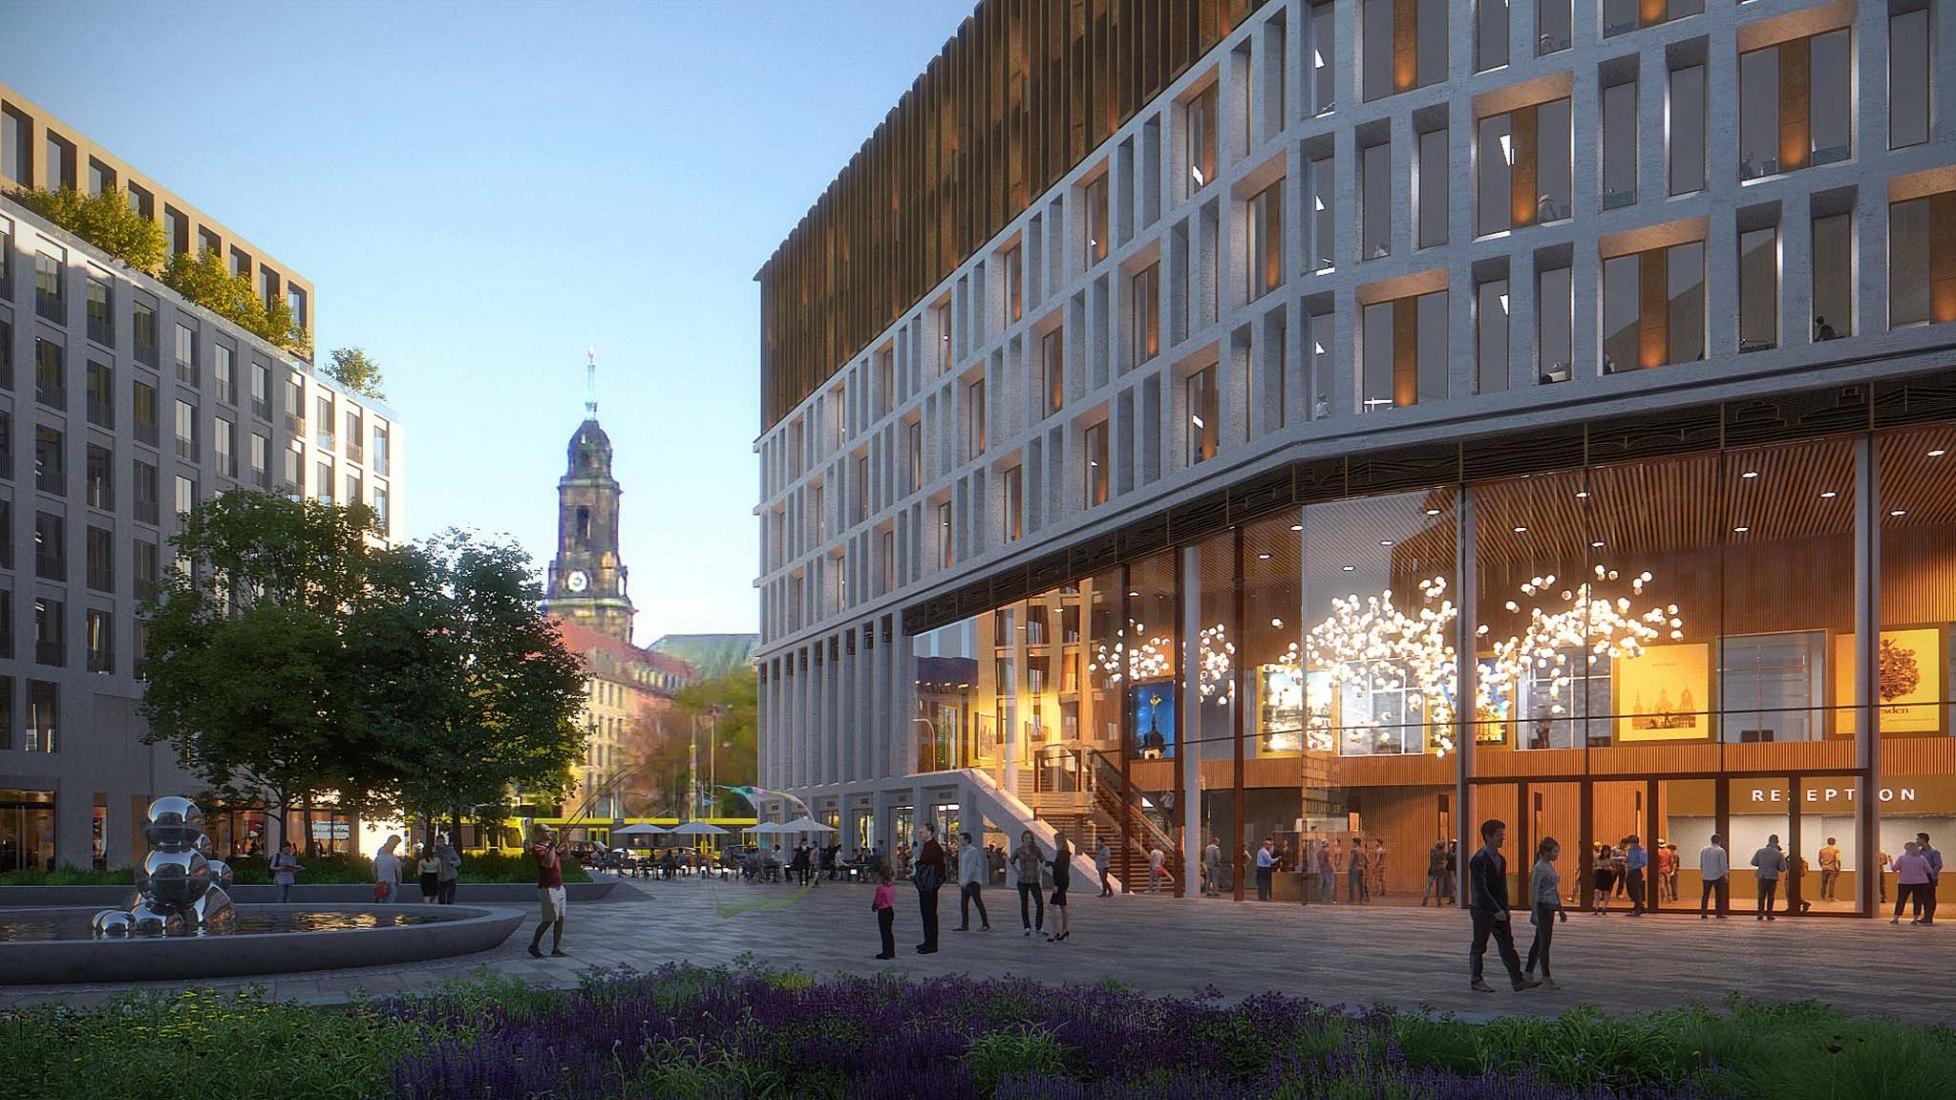 Sede de la ciudad de Dresde por Barcode Architects y Tchoban Voss Architekten. Visualización por WAX